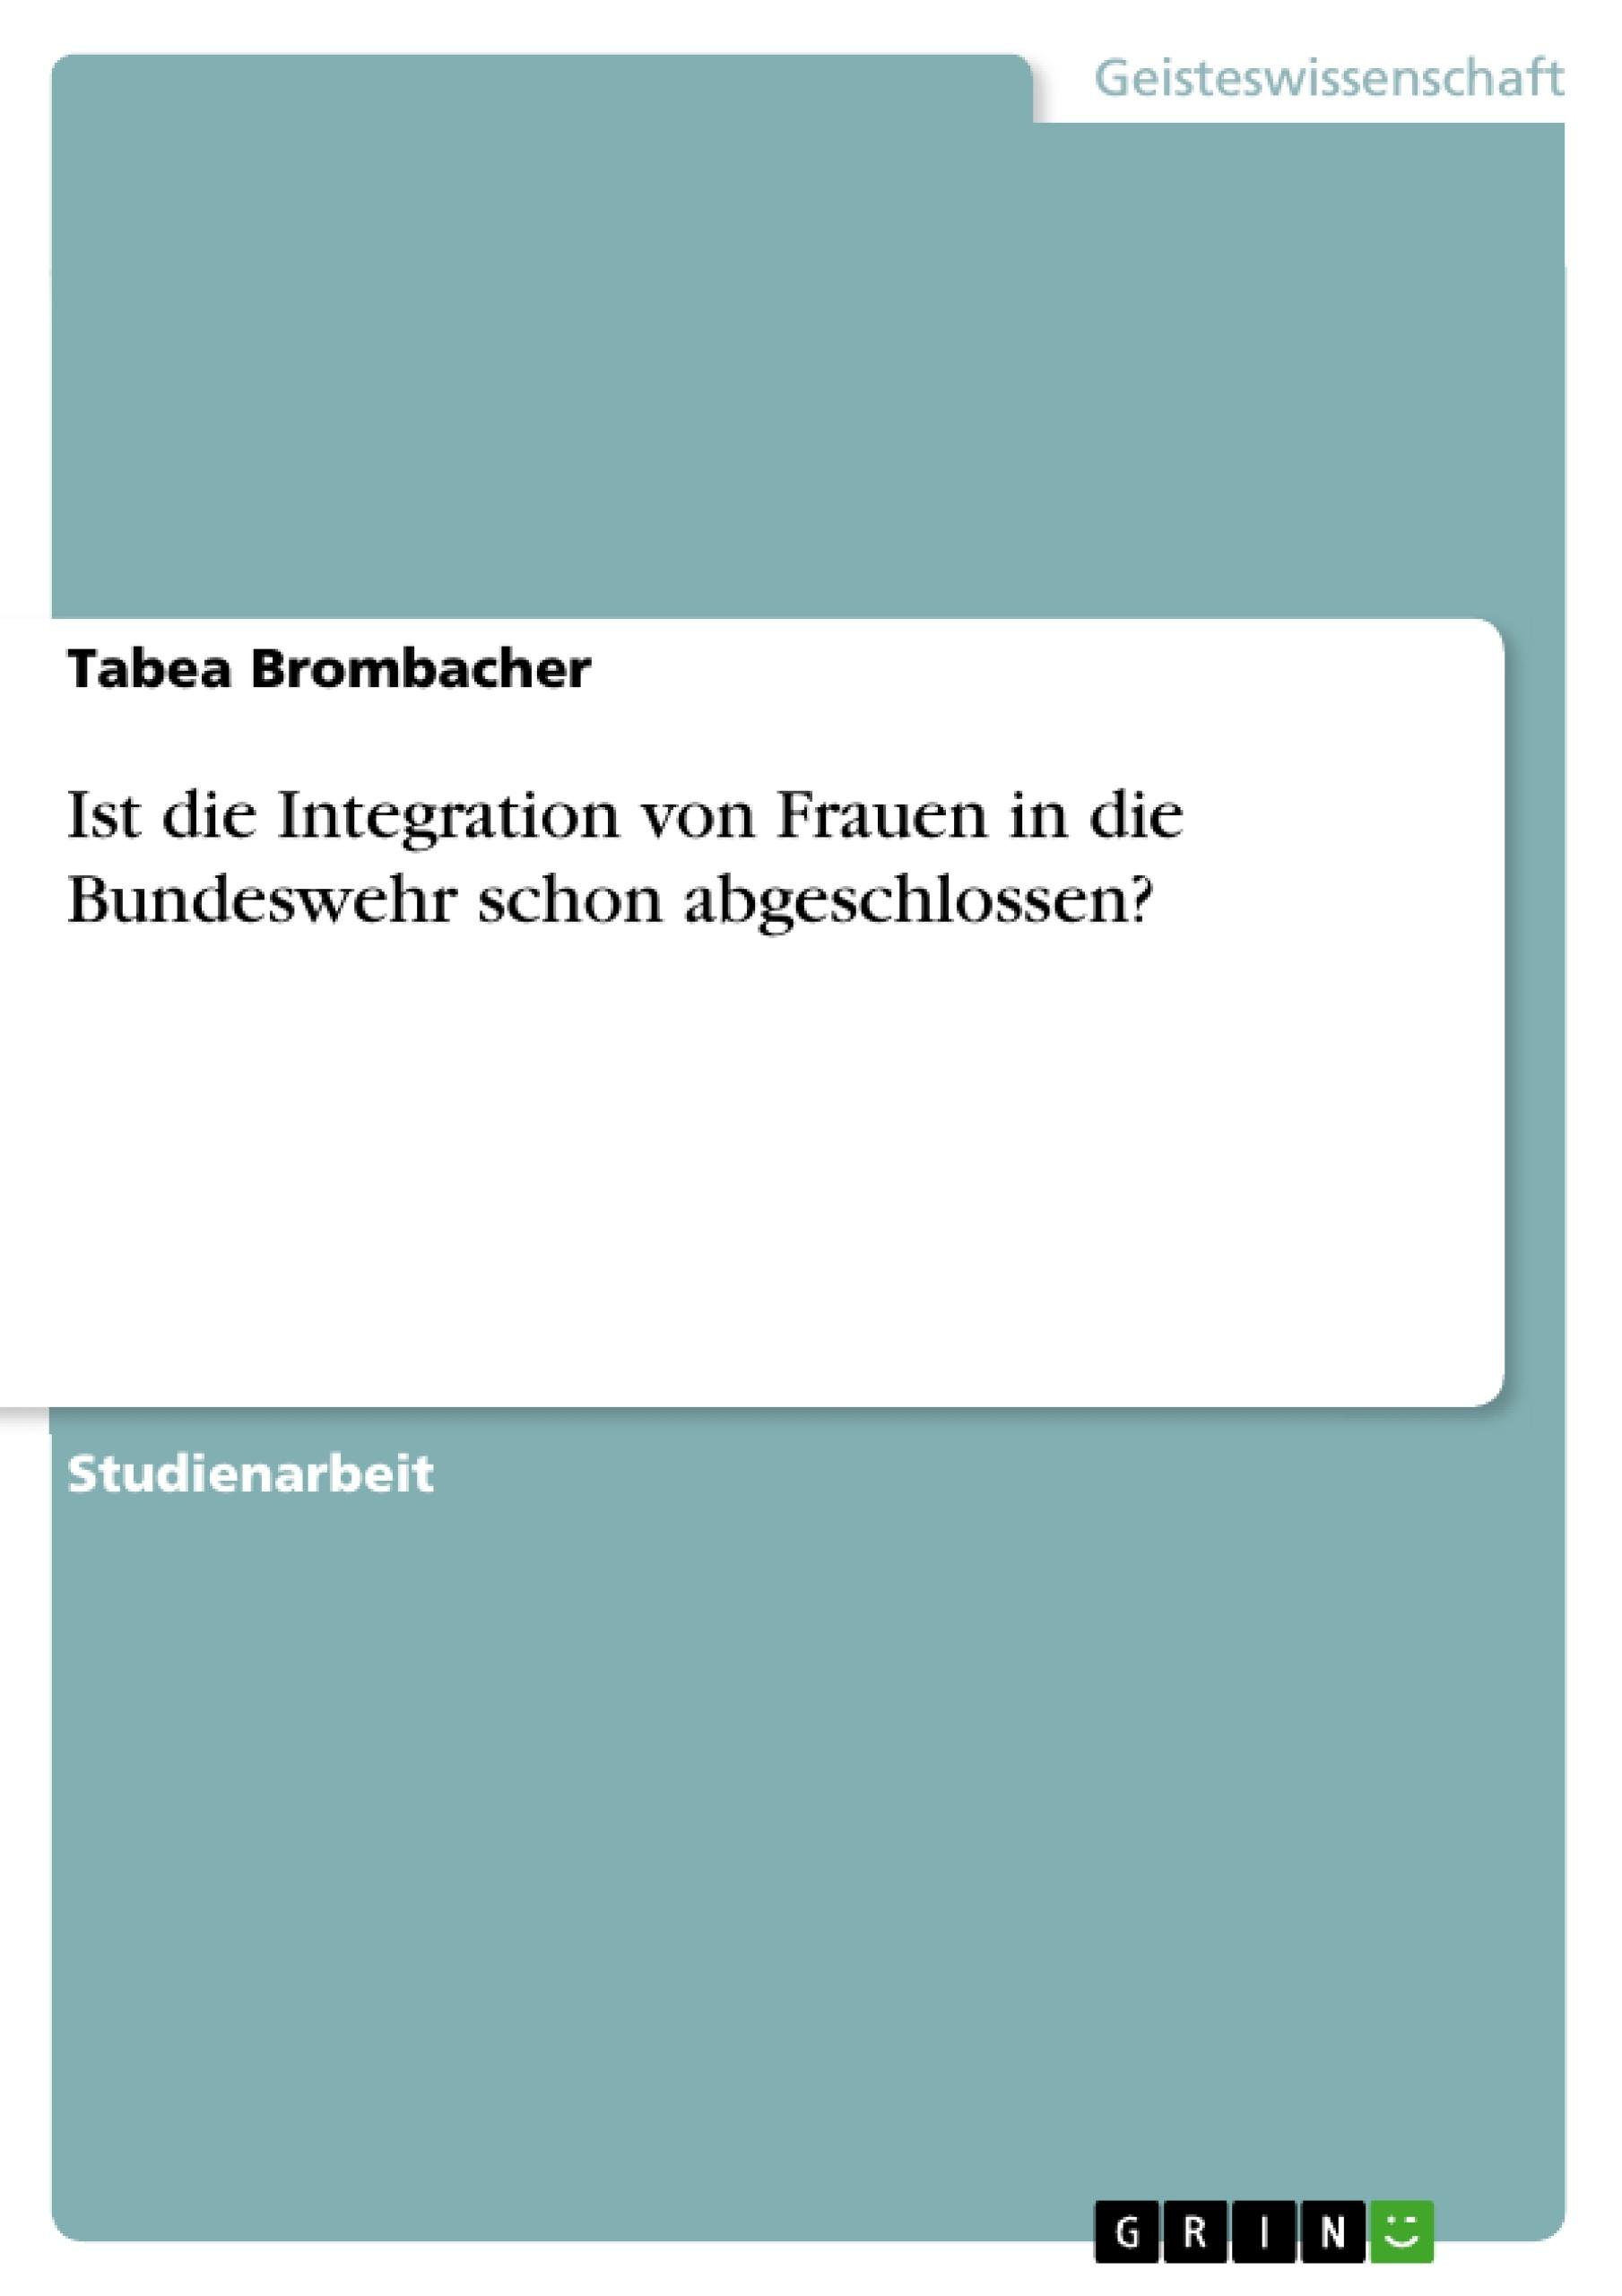 Titel: Ist die Integration von Frauen in die Bundeswehr schon abgeschlossen?